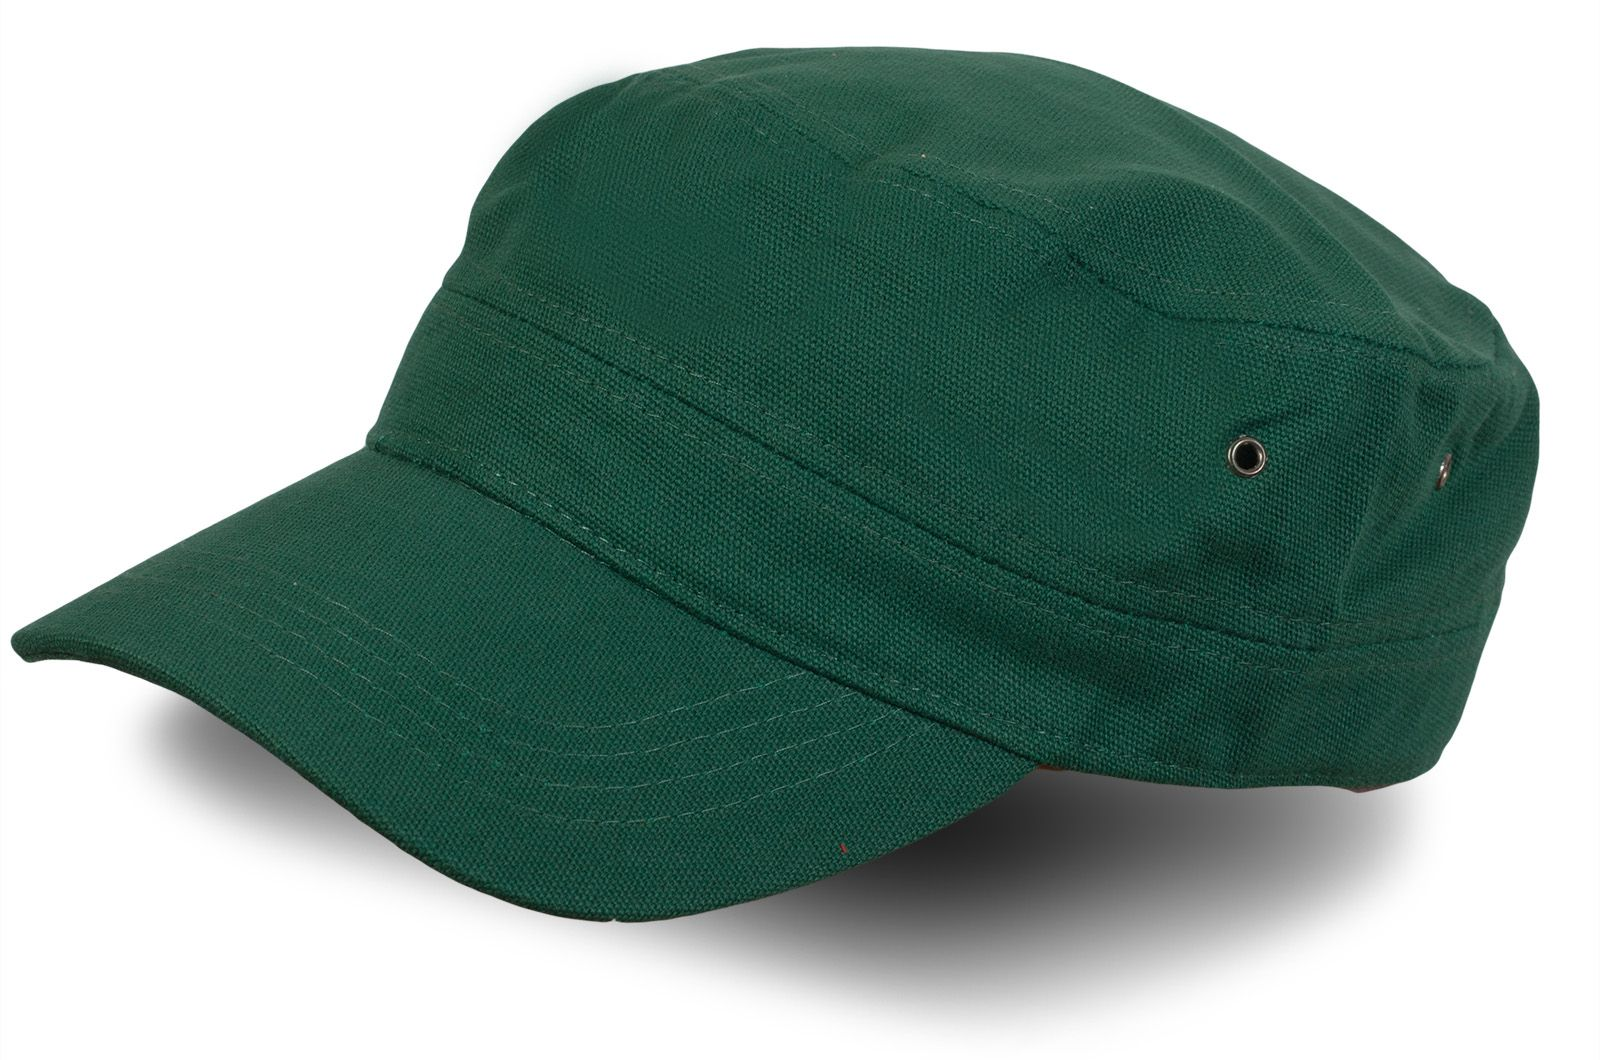 Кепка кадетка зелёная - купить по низкой цене